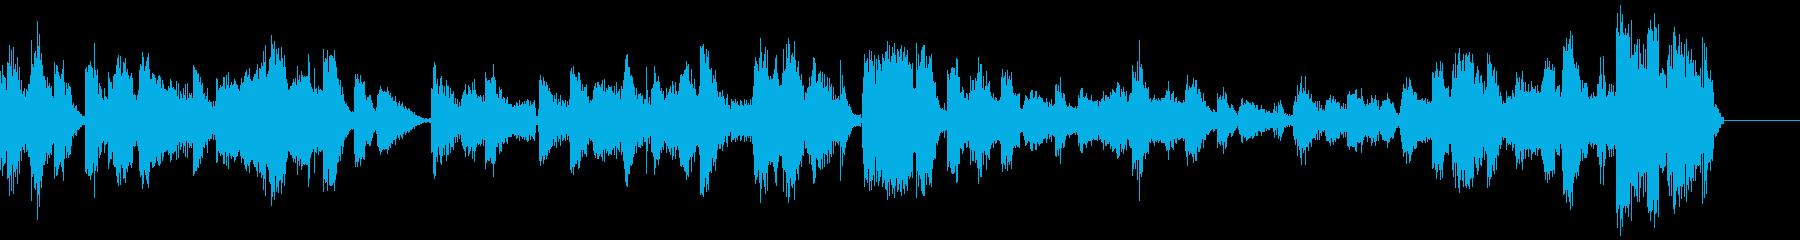 タイトル部分などに使いやすいジングルの再生済みの波形